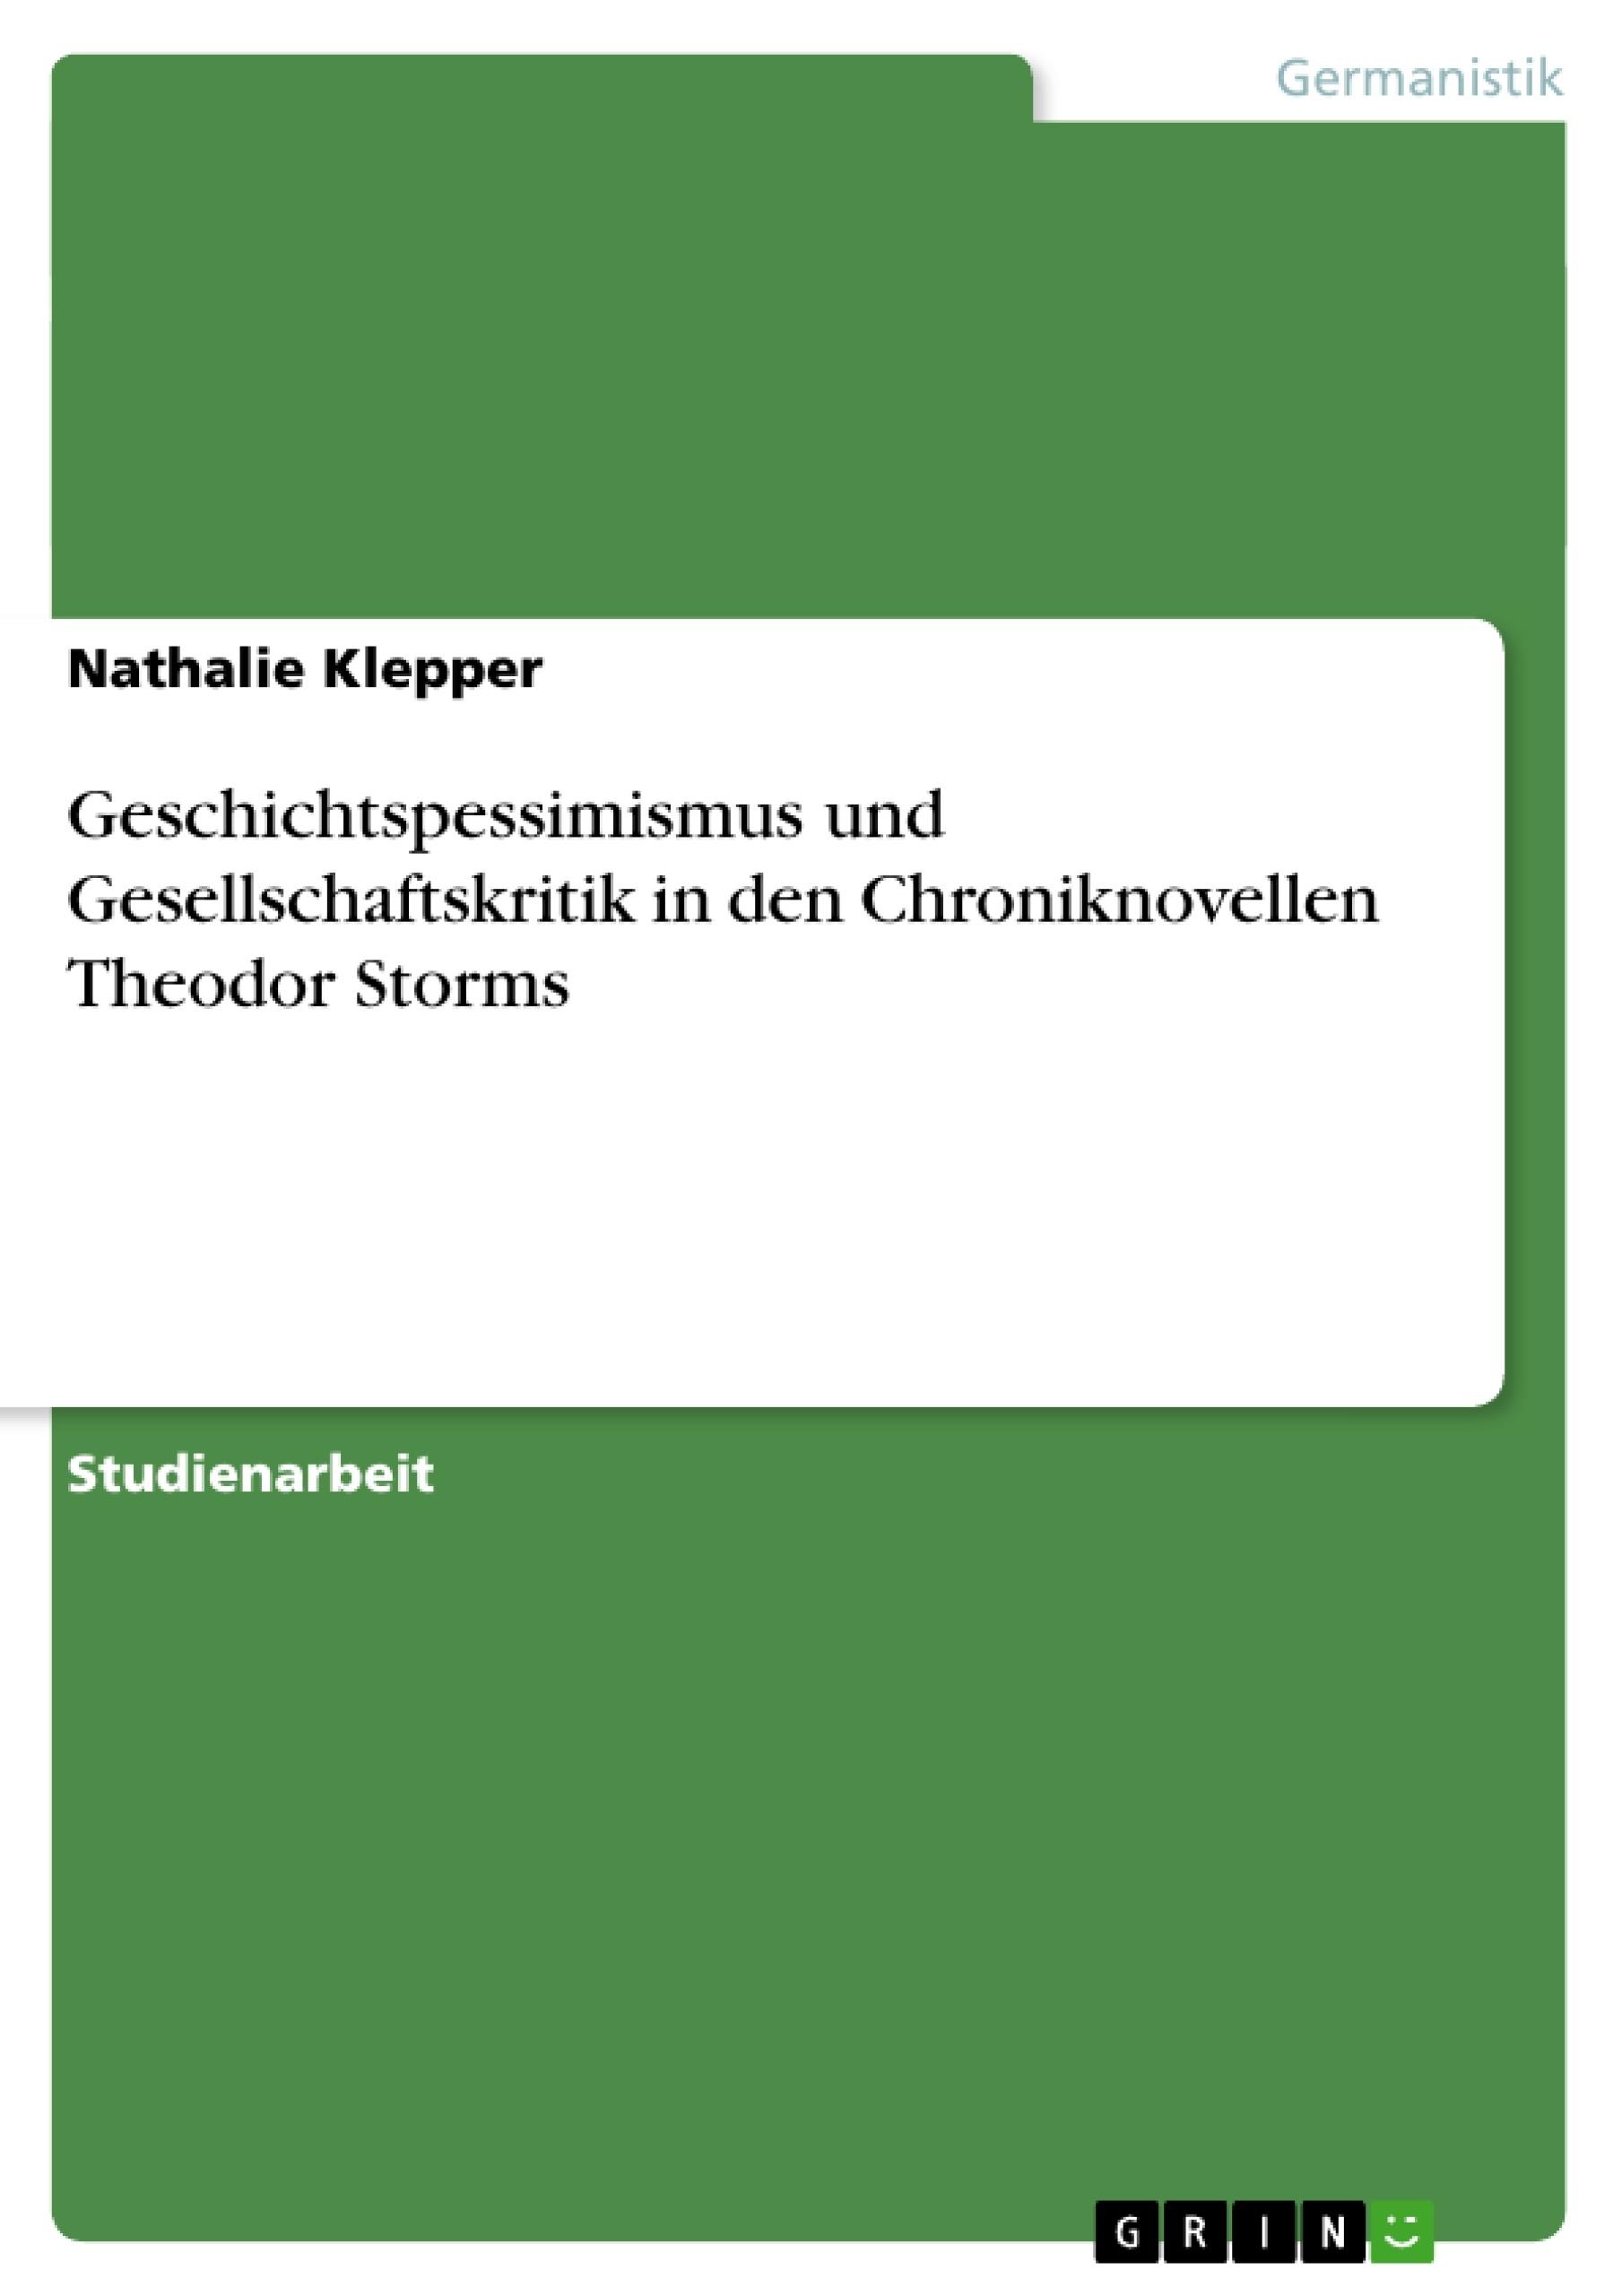 Titel: Geschichtspessimismus und Gesellschaftskritik in den Chroniknovellen Theodor Storms